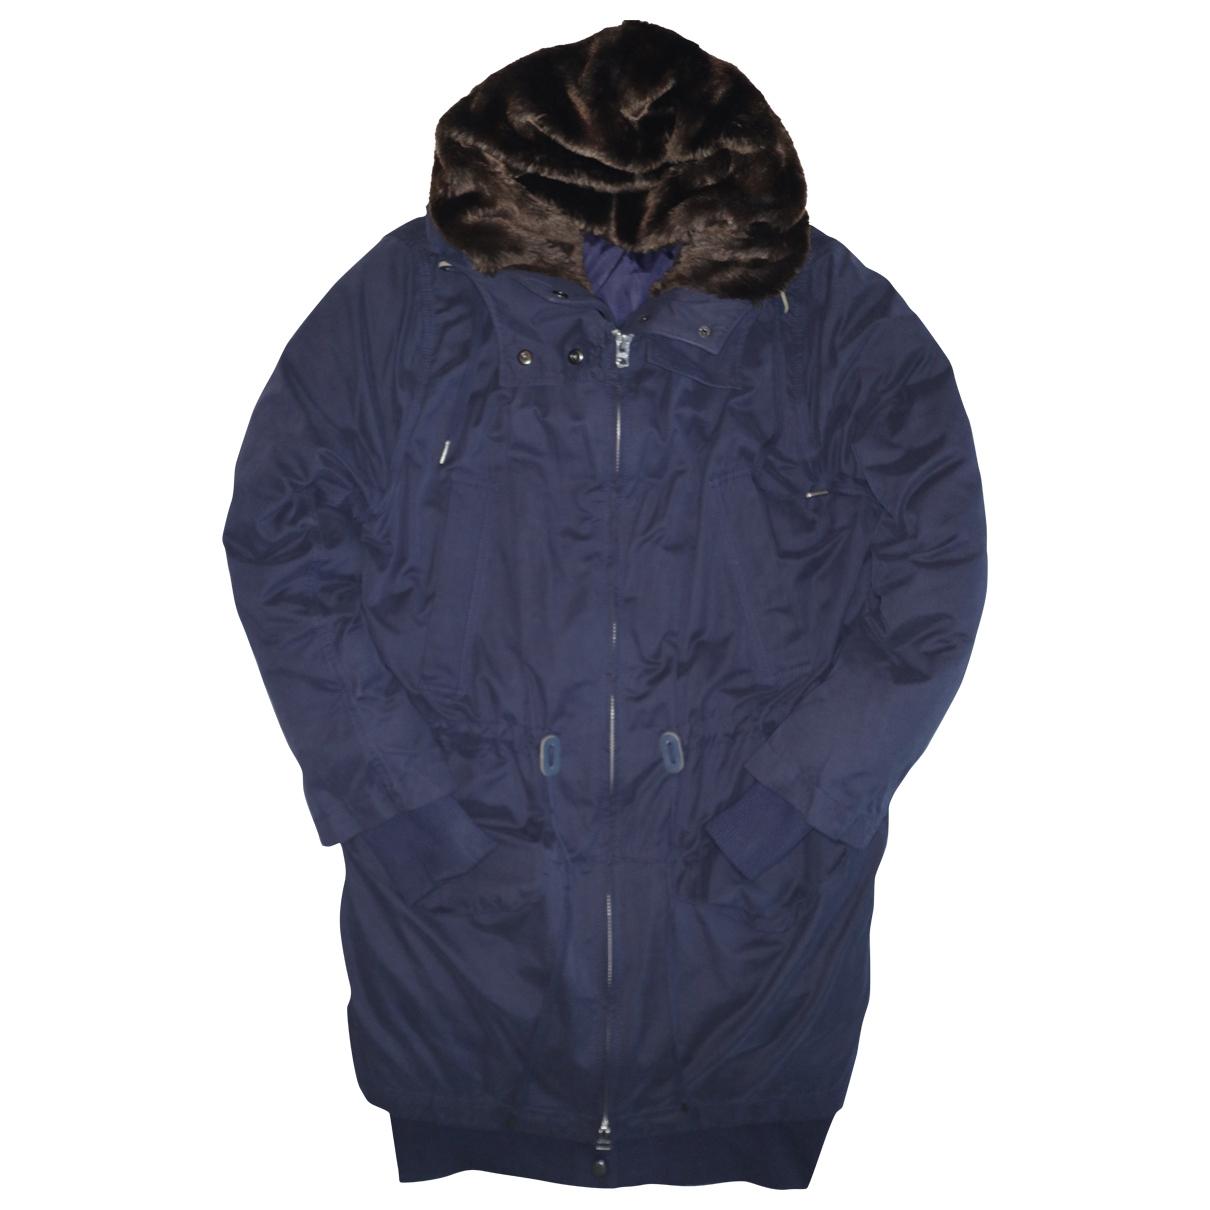 Acne Studios \N Navy coat for Women 36 FR